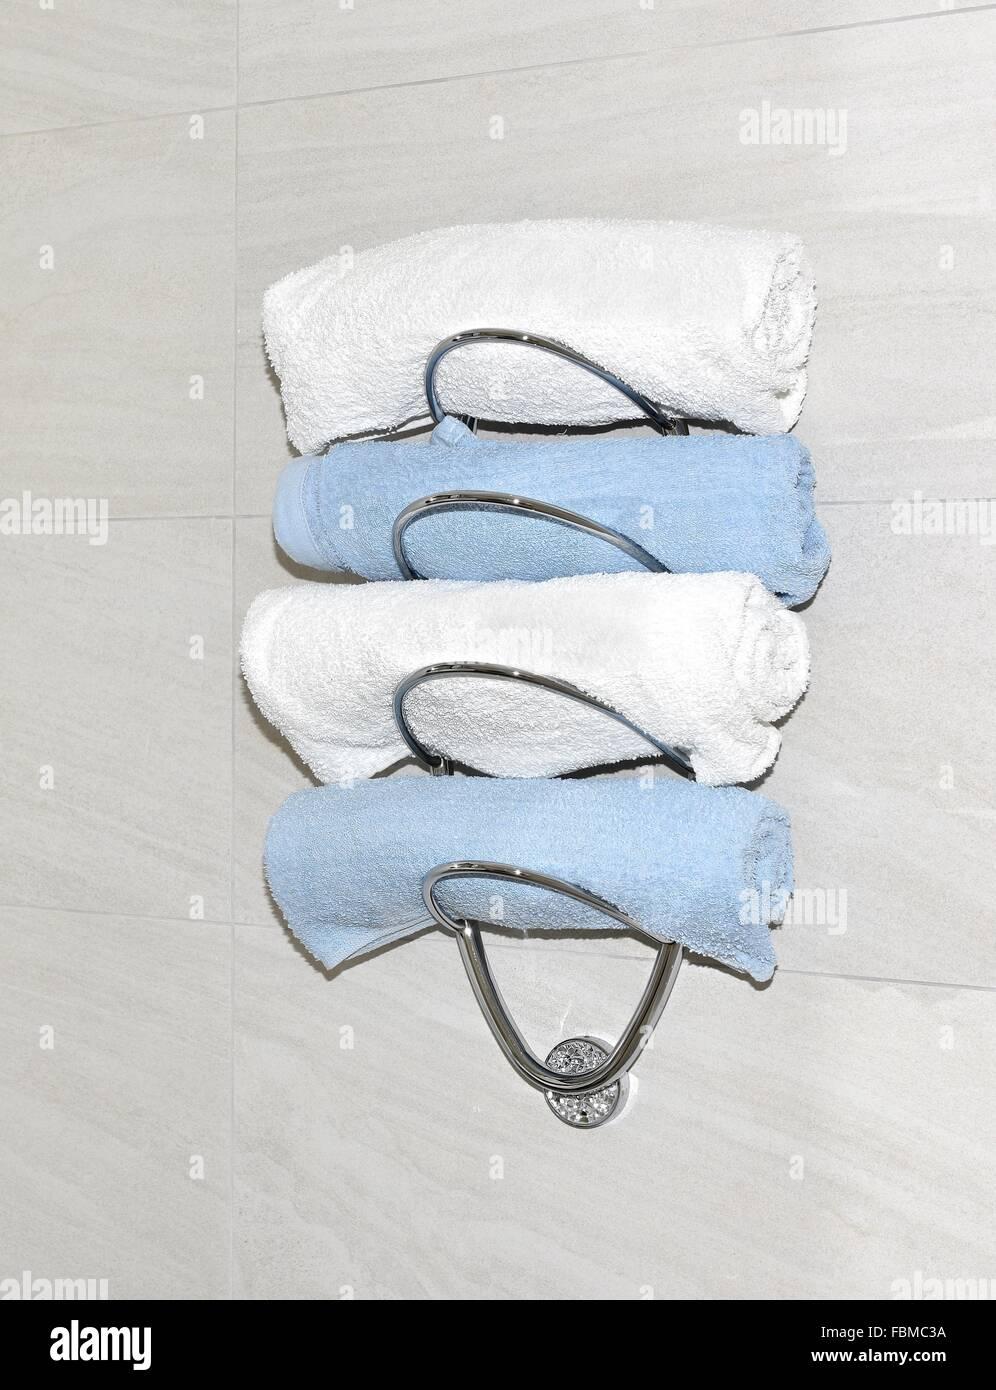 Weiße und blaue Handtücher auf Handtuchhalter im Badezimmer